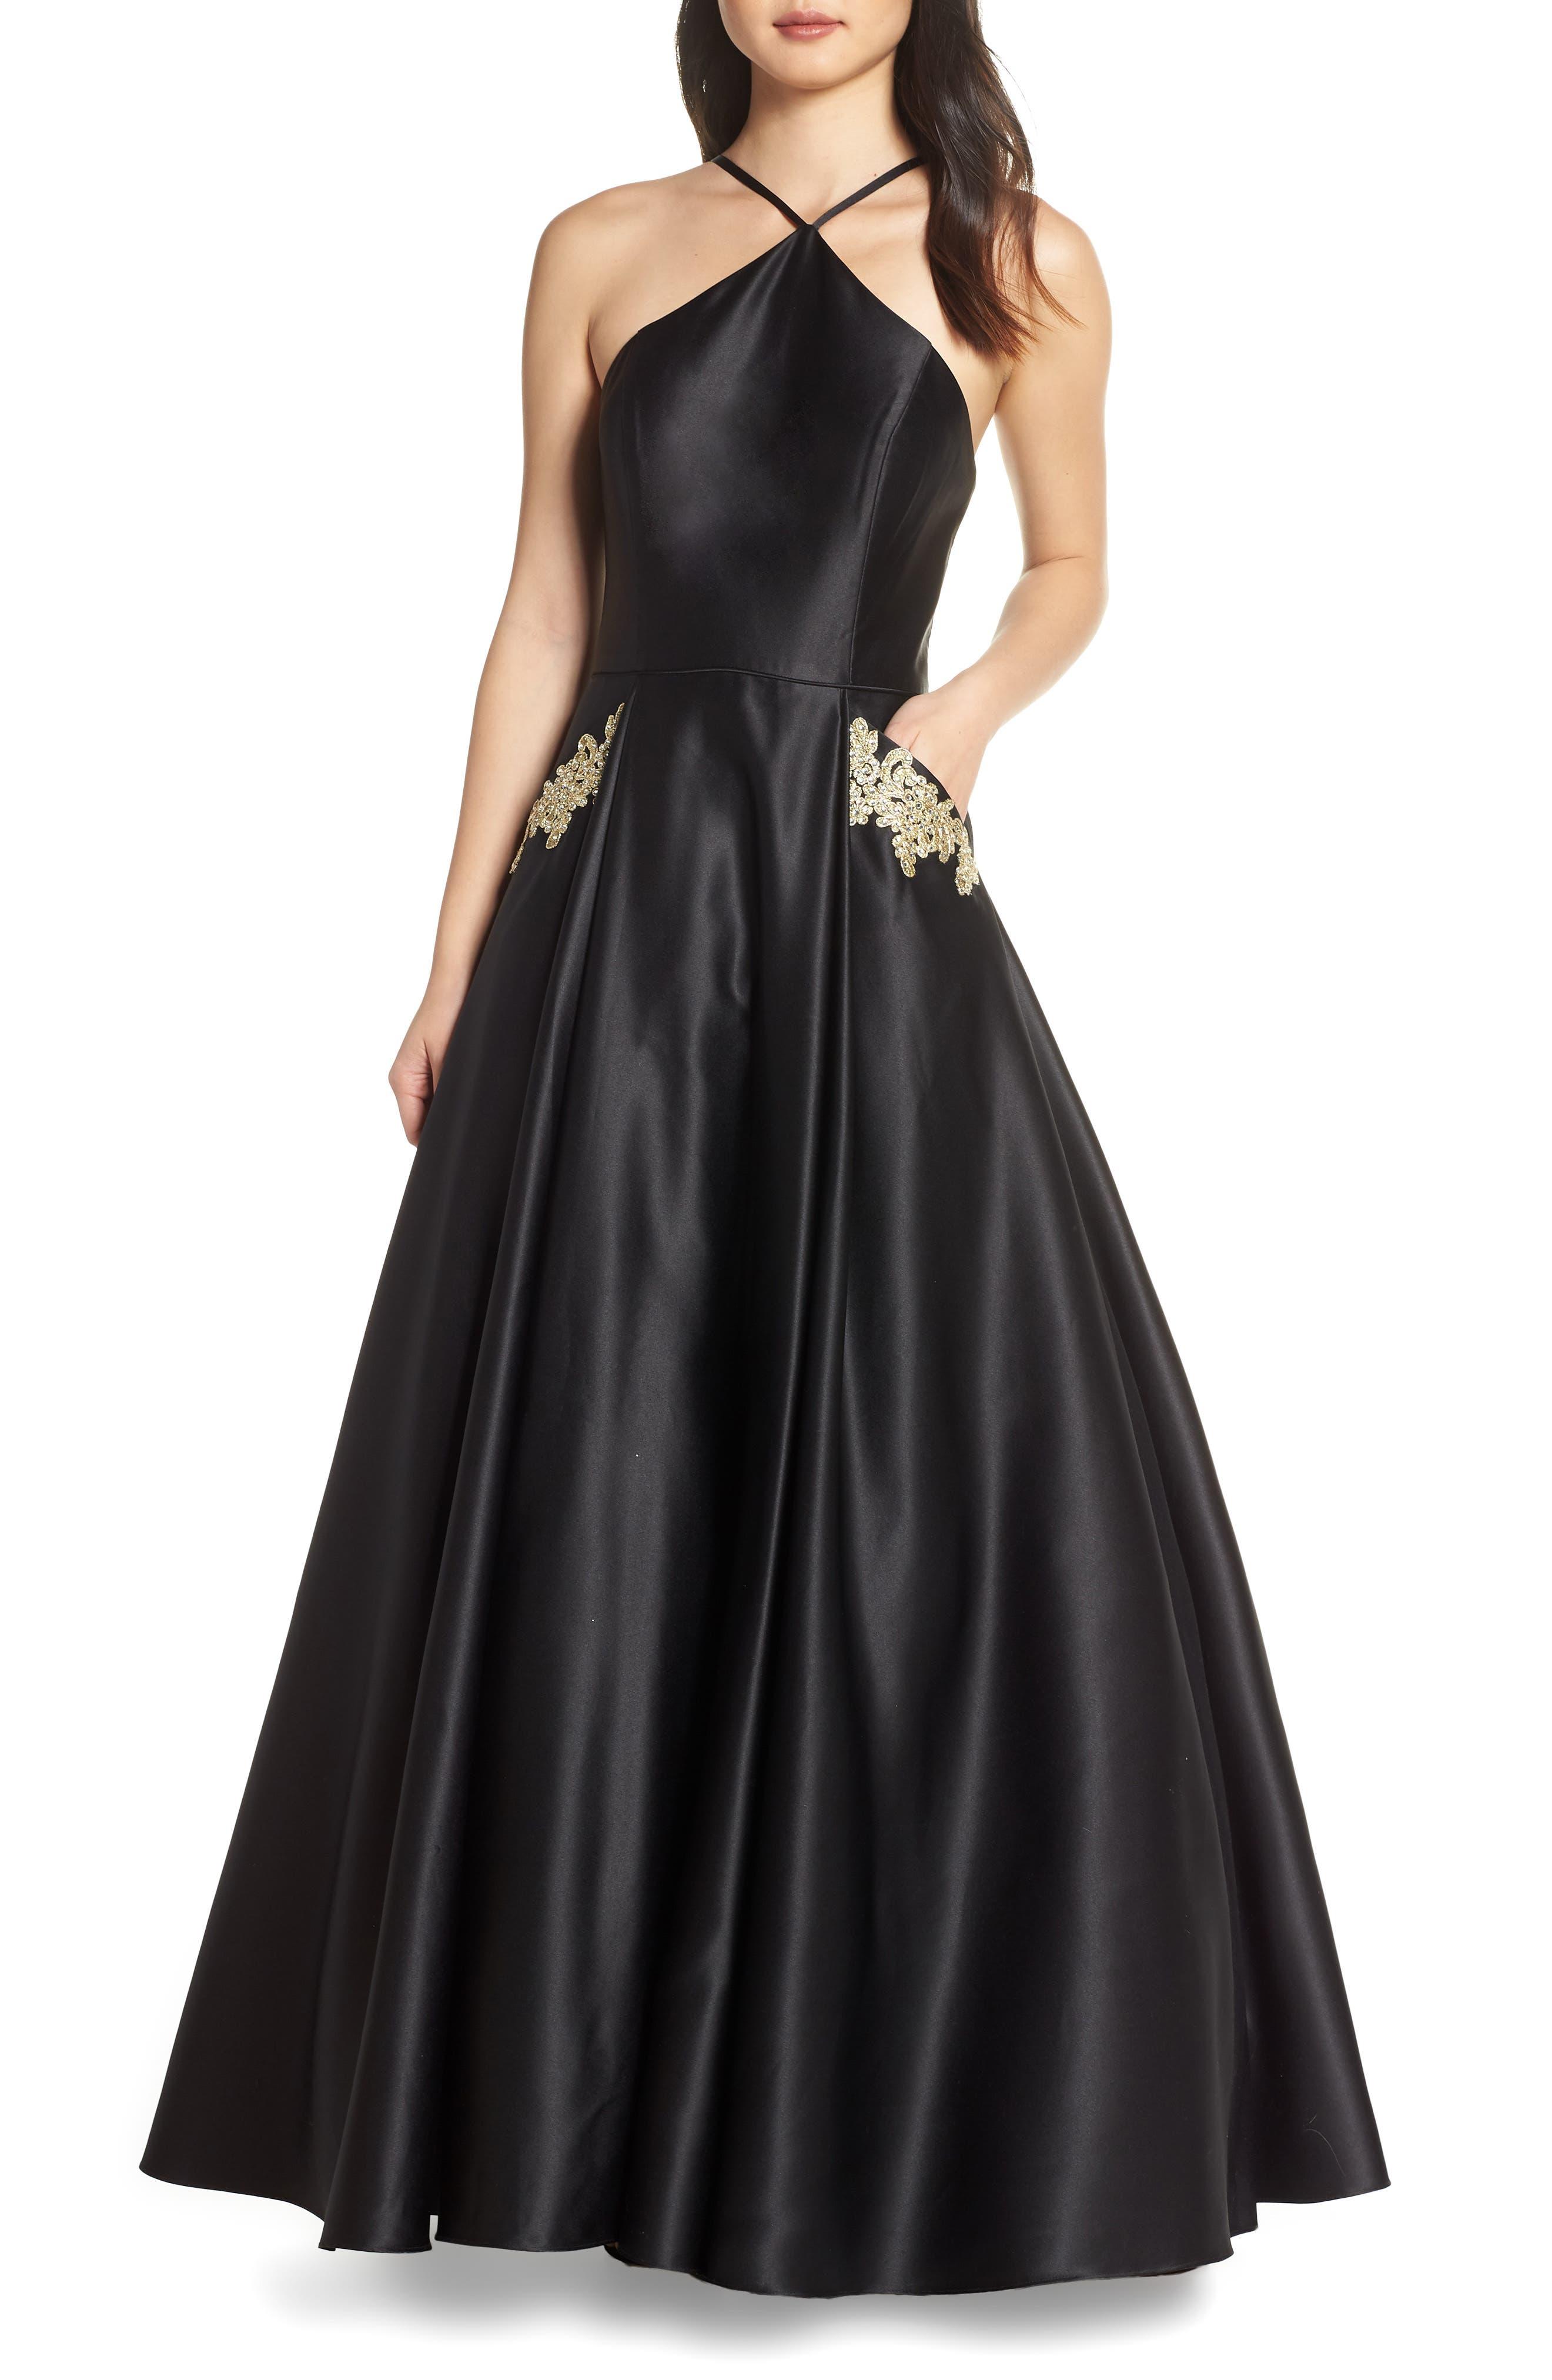 BLONDIE NITES, Halter Neck Embellished Pocket Satin Evening Dress, Main thumbnail 1, color, BLACK/ GOLD